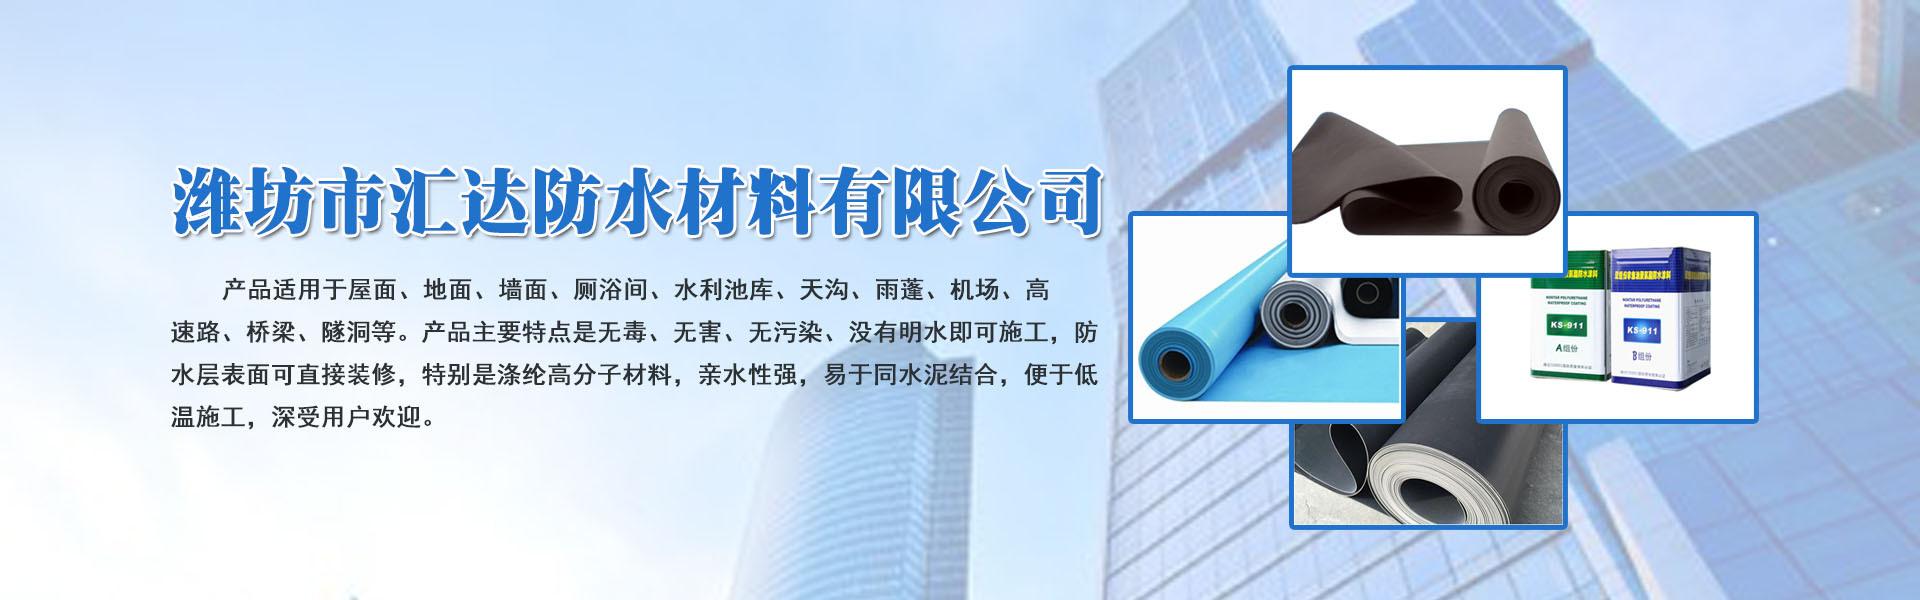 潍坊市汇达防水材料有限公司产品展示